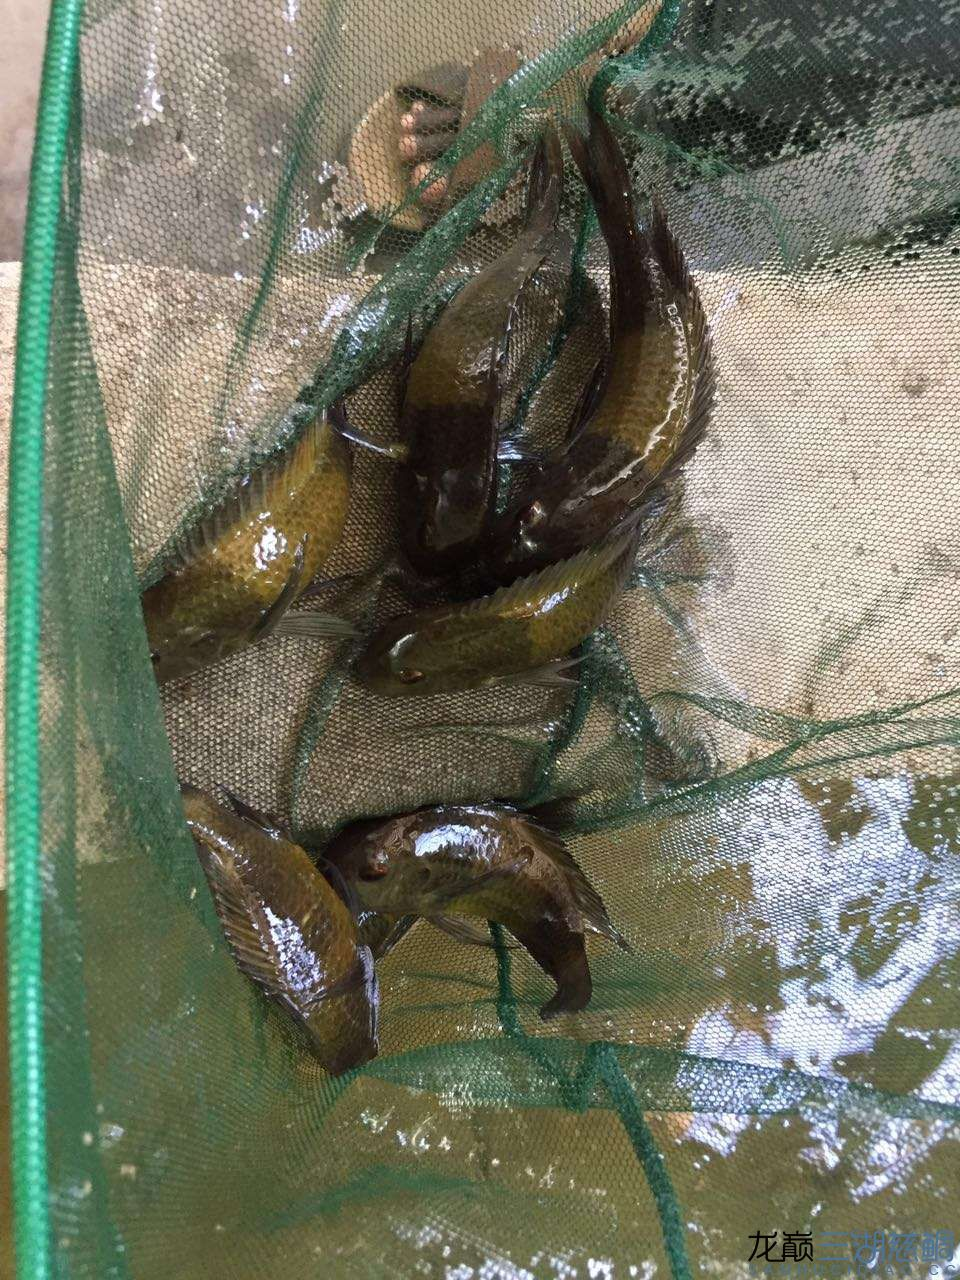 兰州森森鱼缸专卖店具体地址流浪坦桑尼亚探索坦干伊喀湖一 兰州水族批发市场 兰州龙鱼第27张